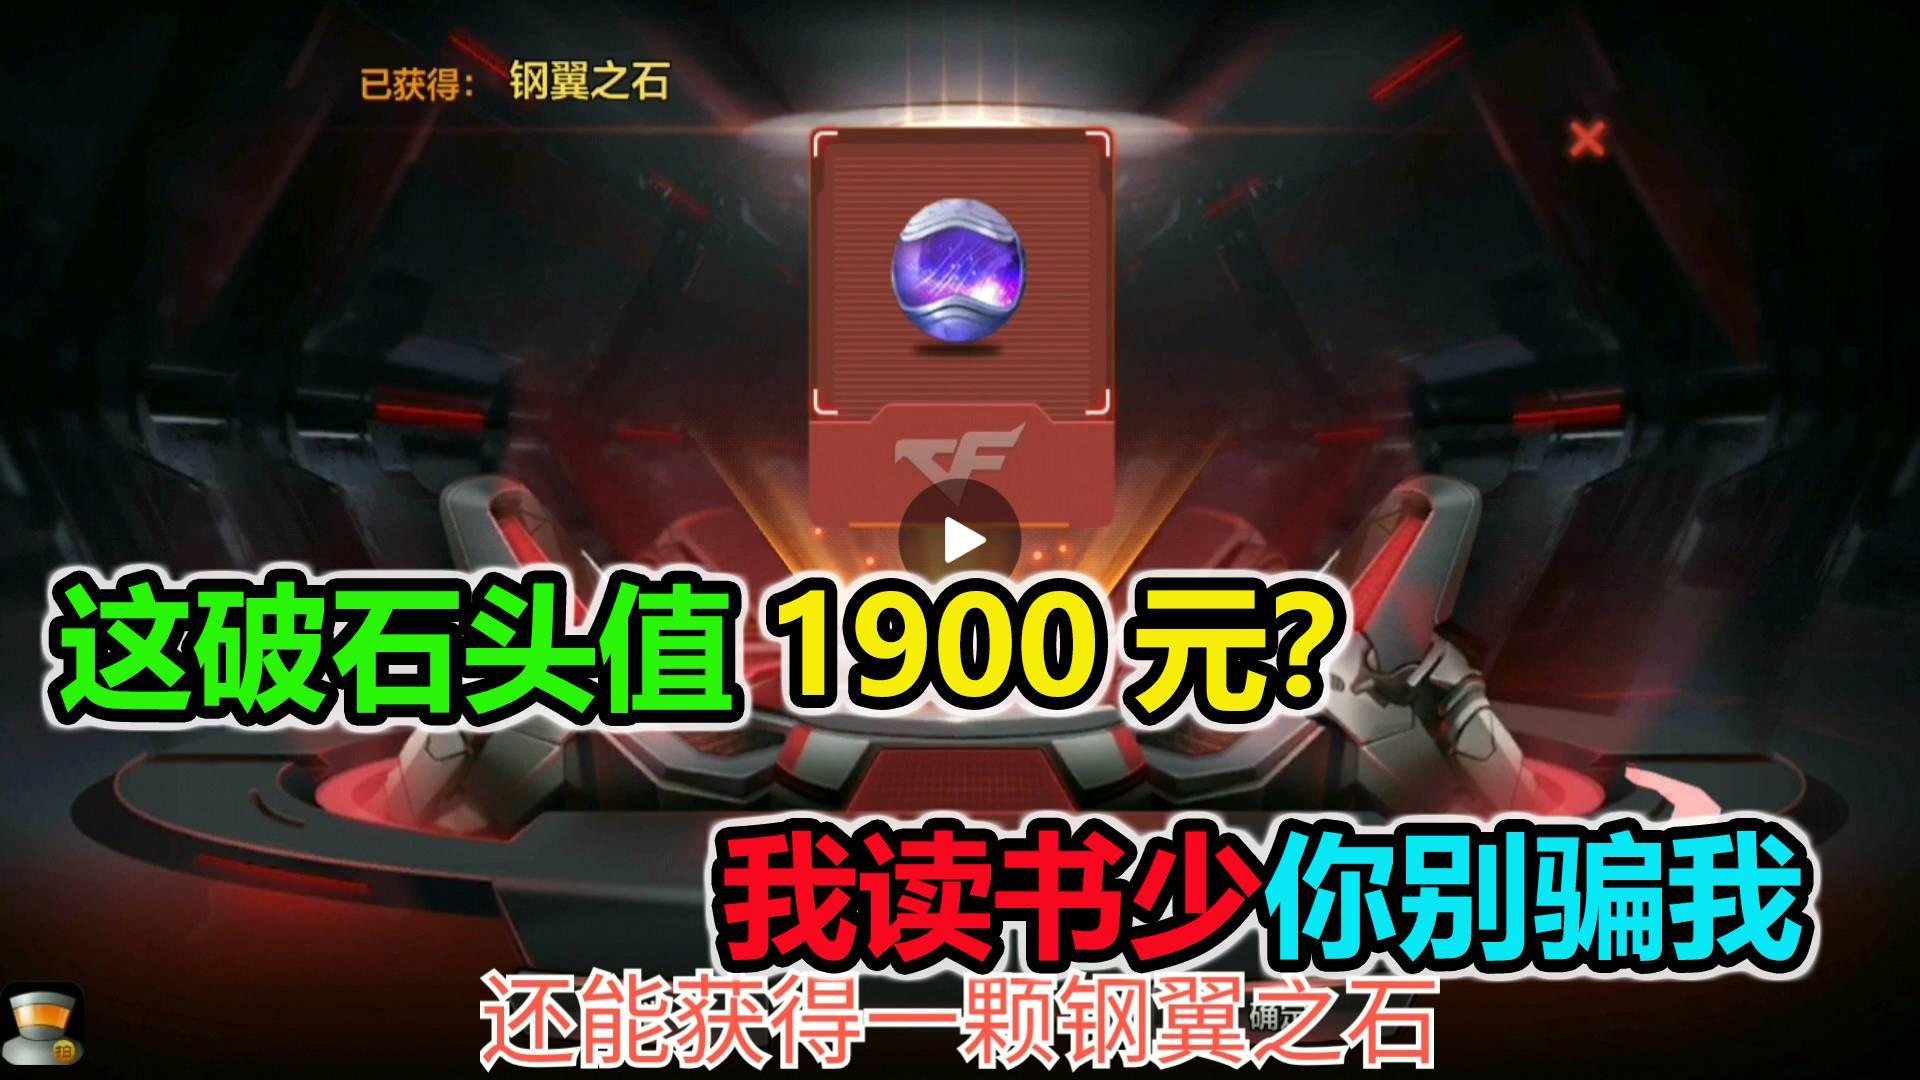 落星:这到底是啥破石头?1900多块钱一颗,蕴含马化腾之力吗?